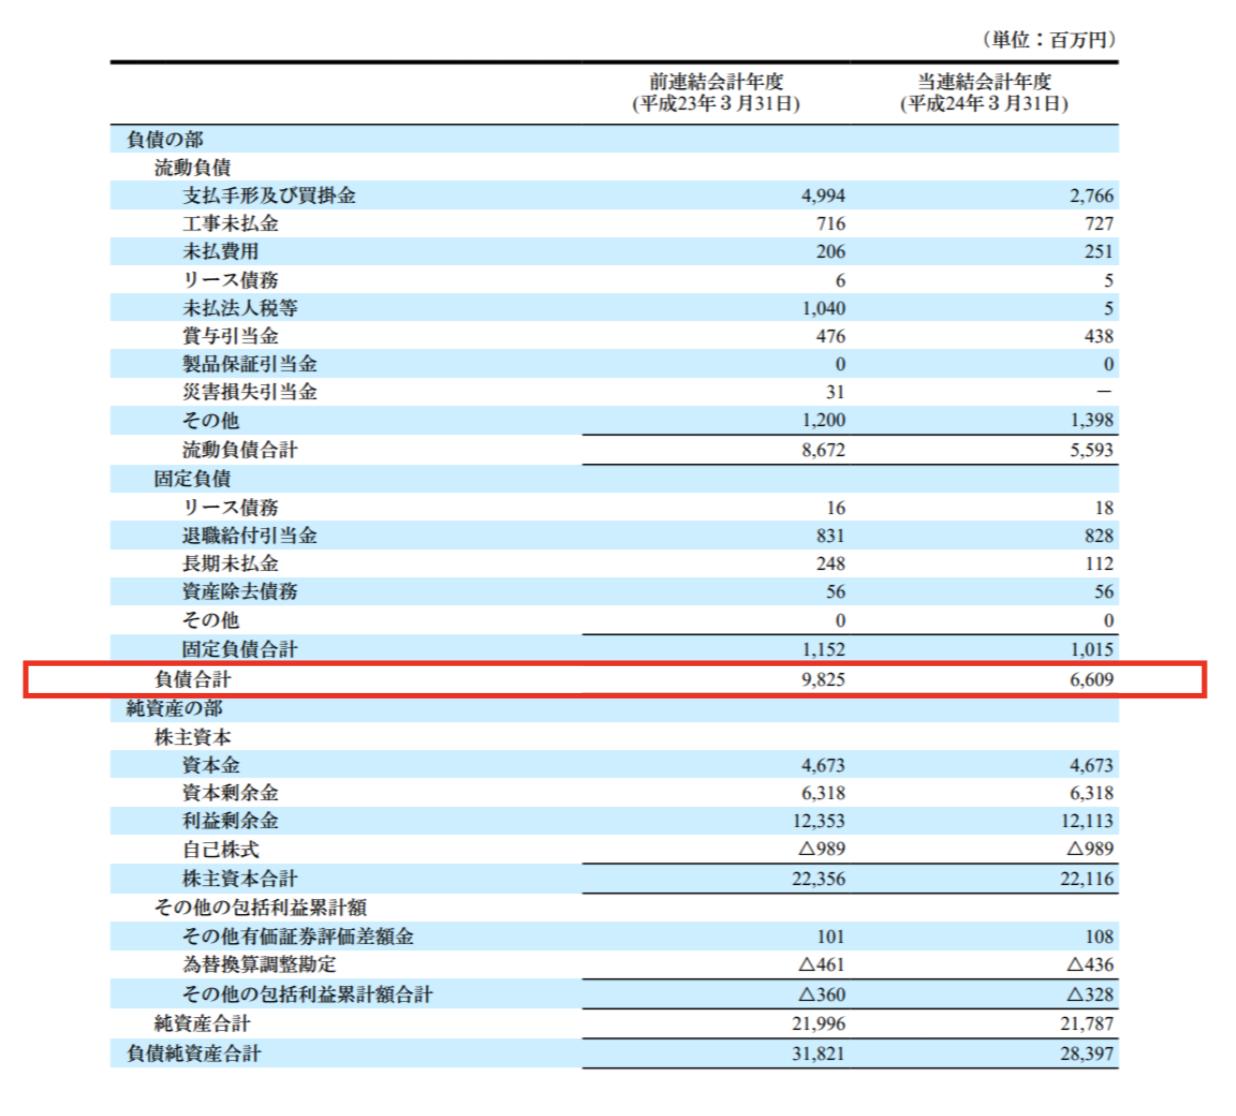 日本アンテナへの投資時の負債